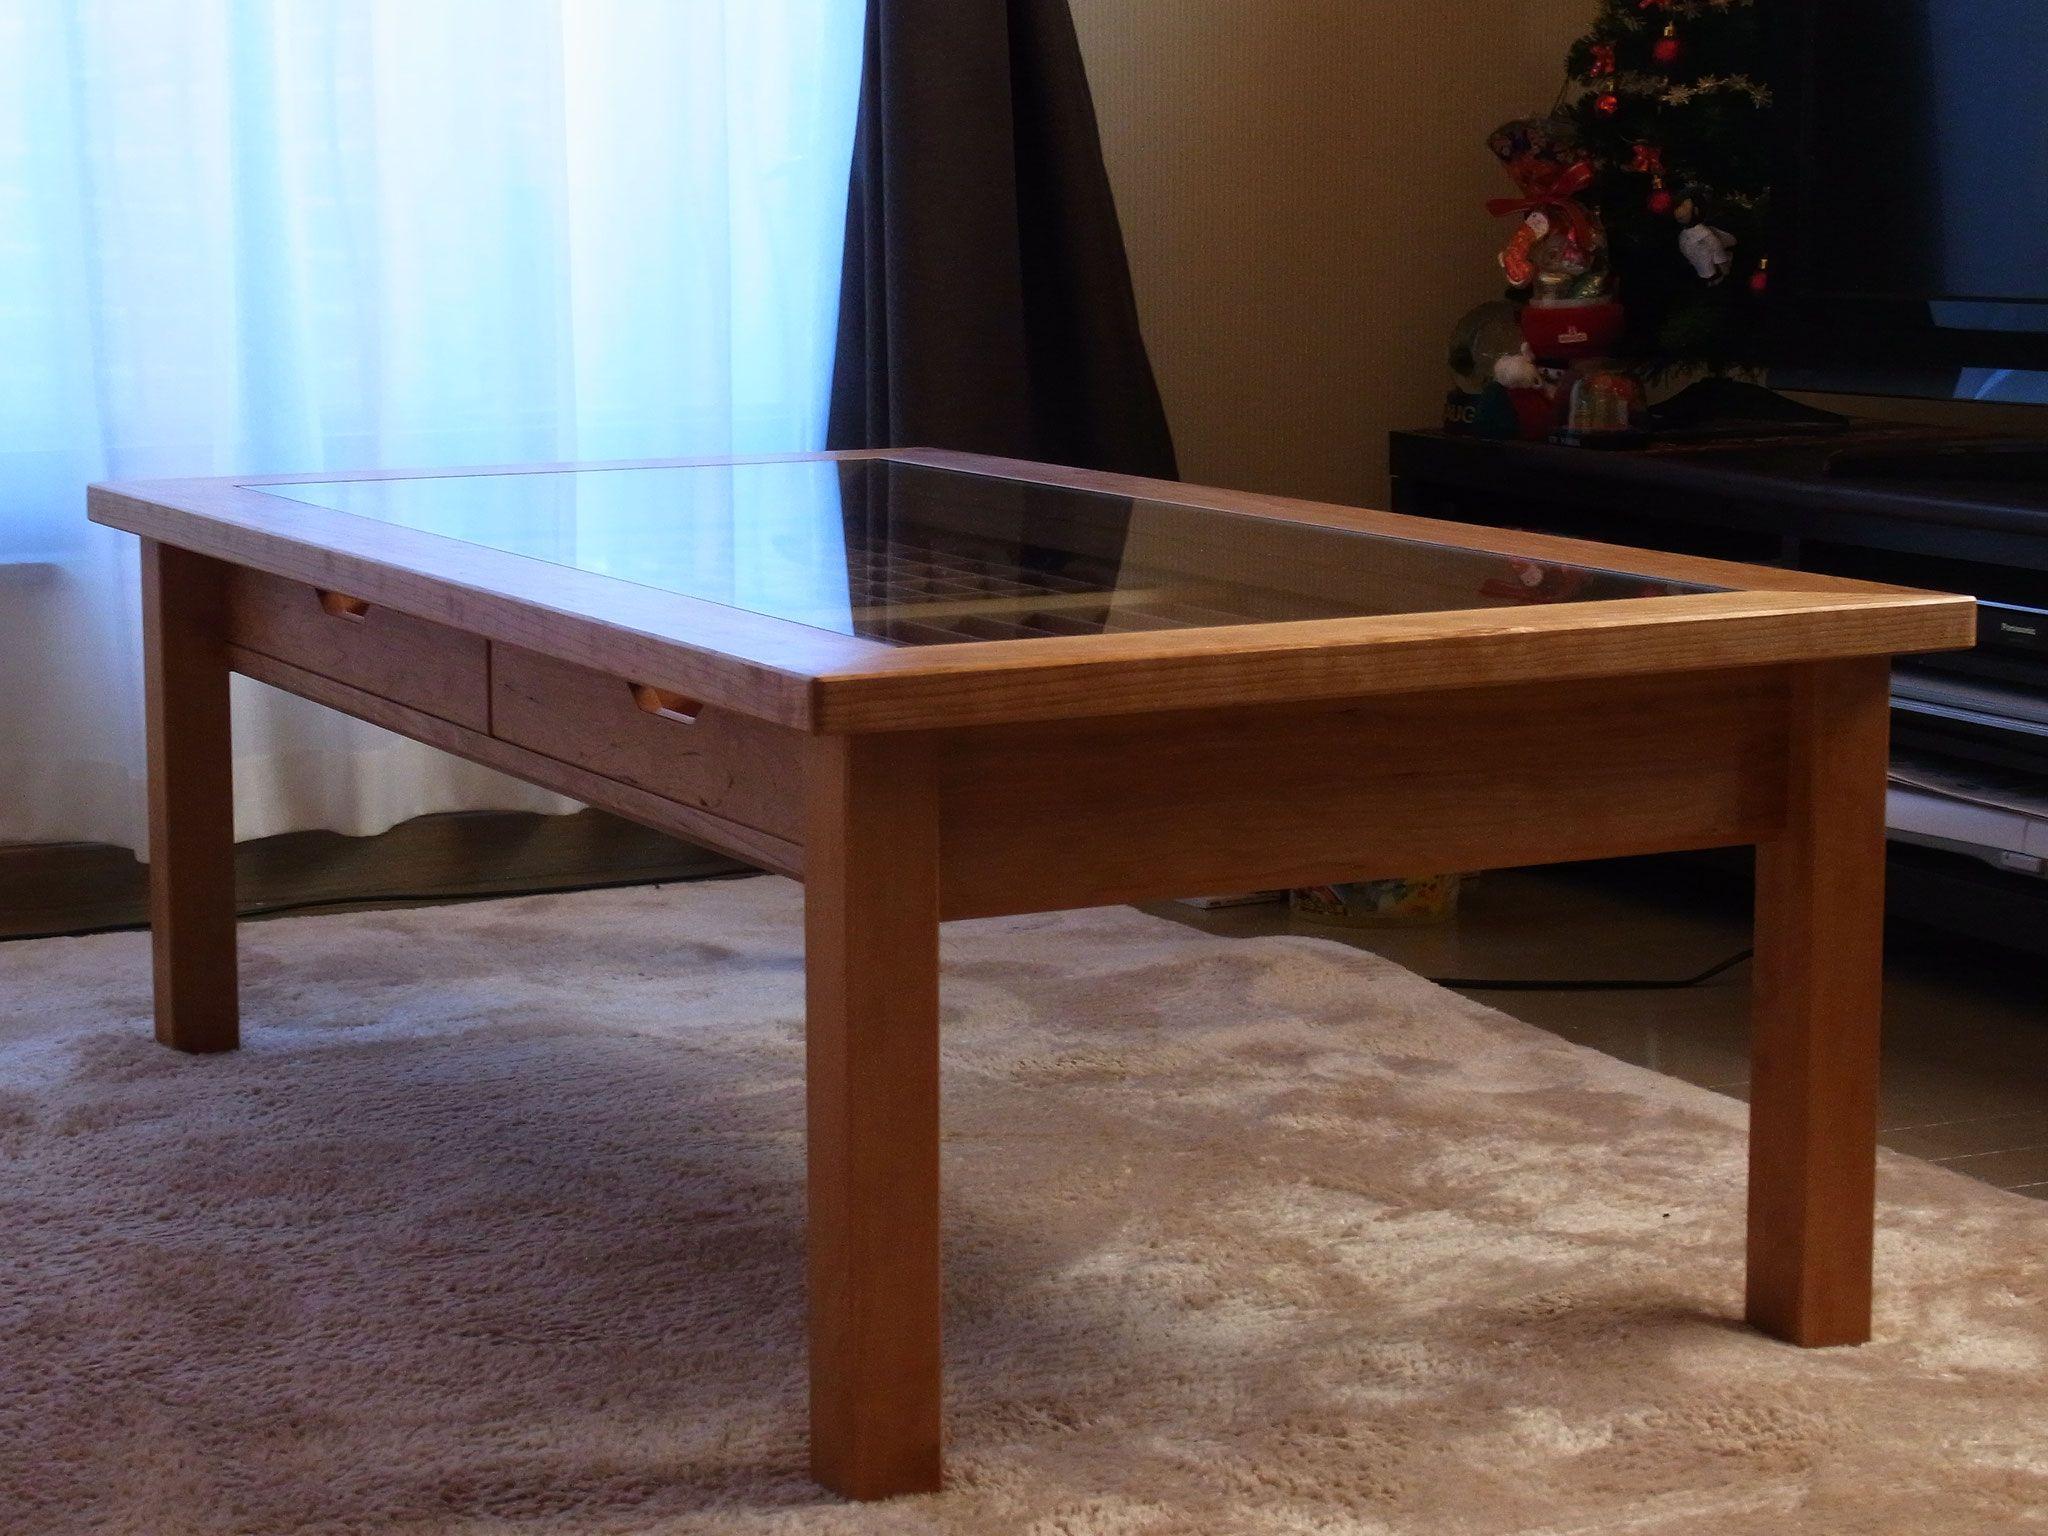 ミニカー コレクション テーブル Minicar Collection Low Table コレクション テーブル 家具 テーブル